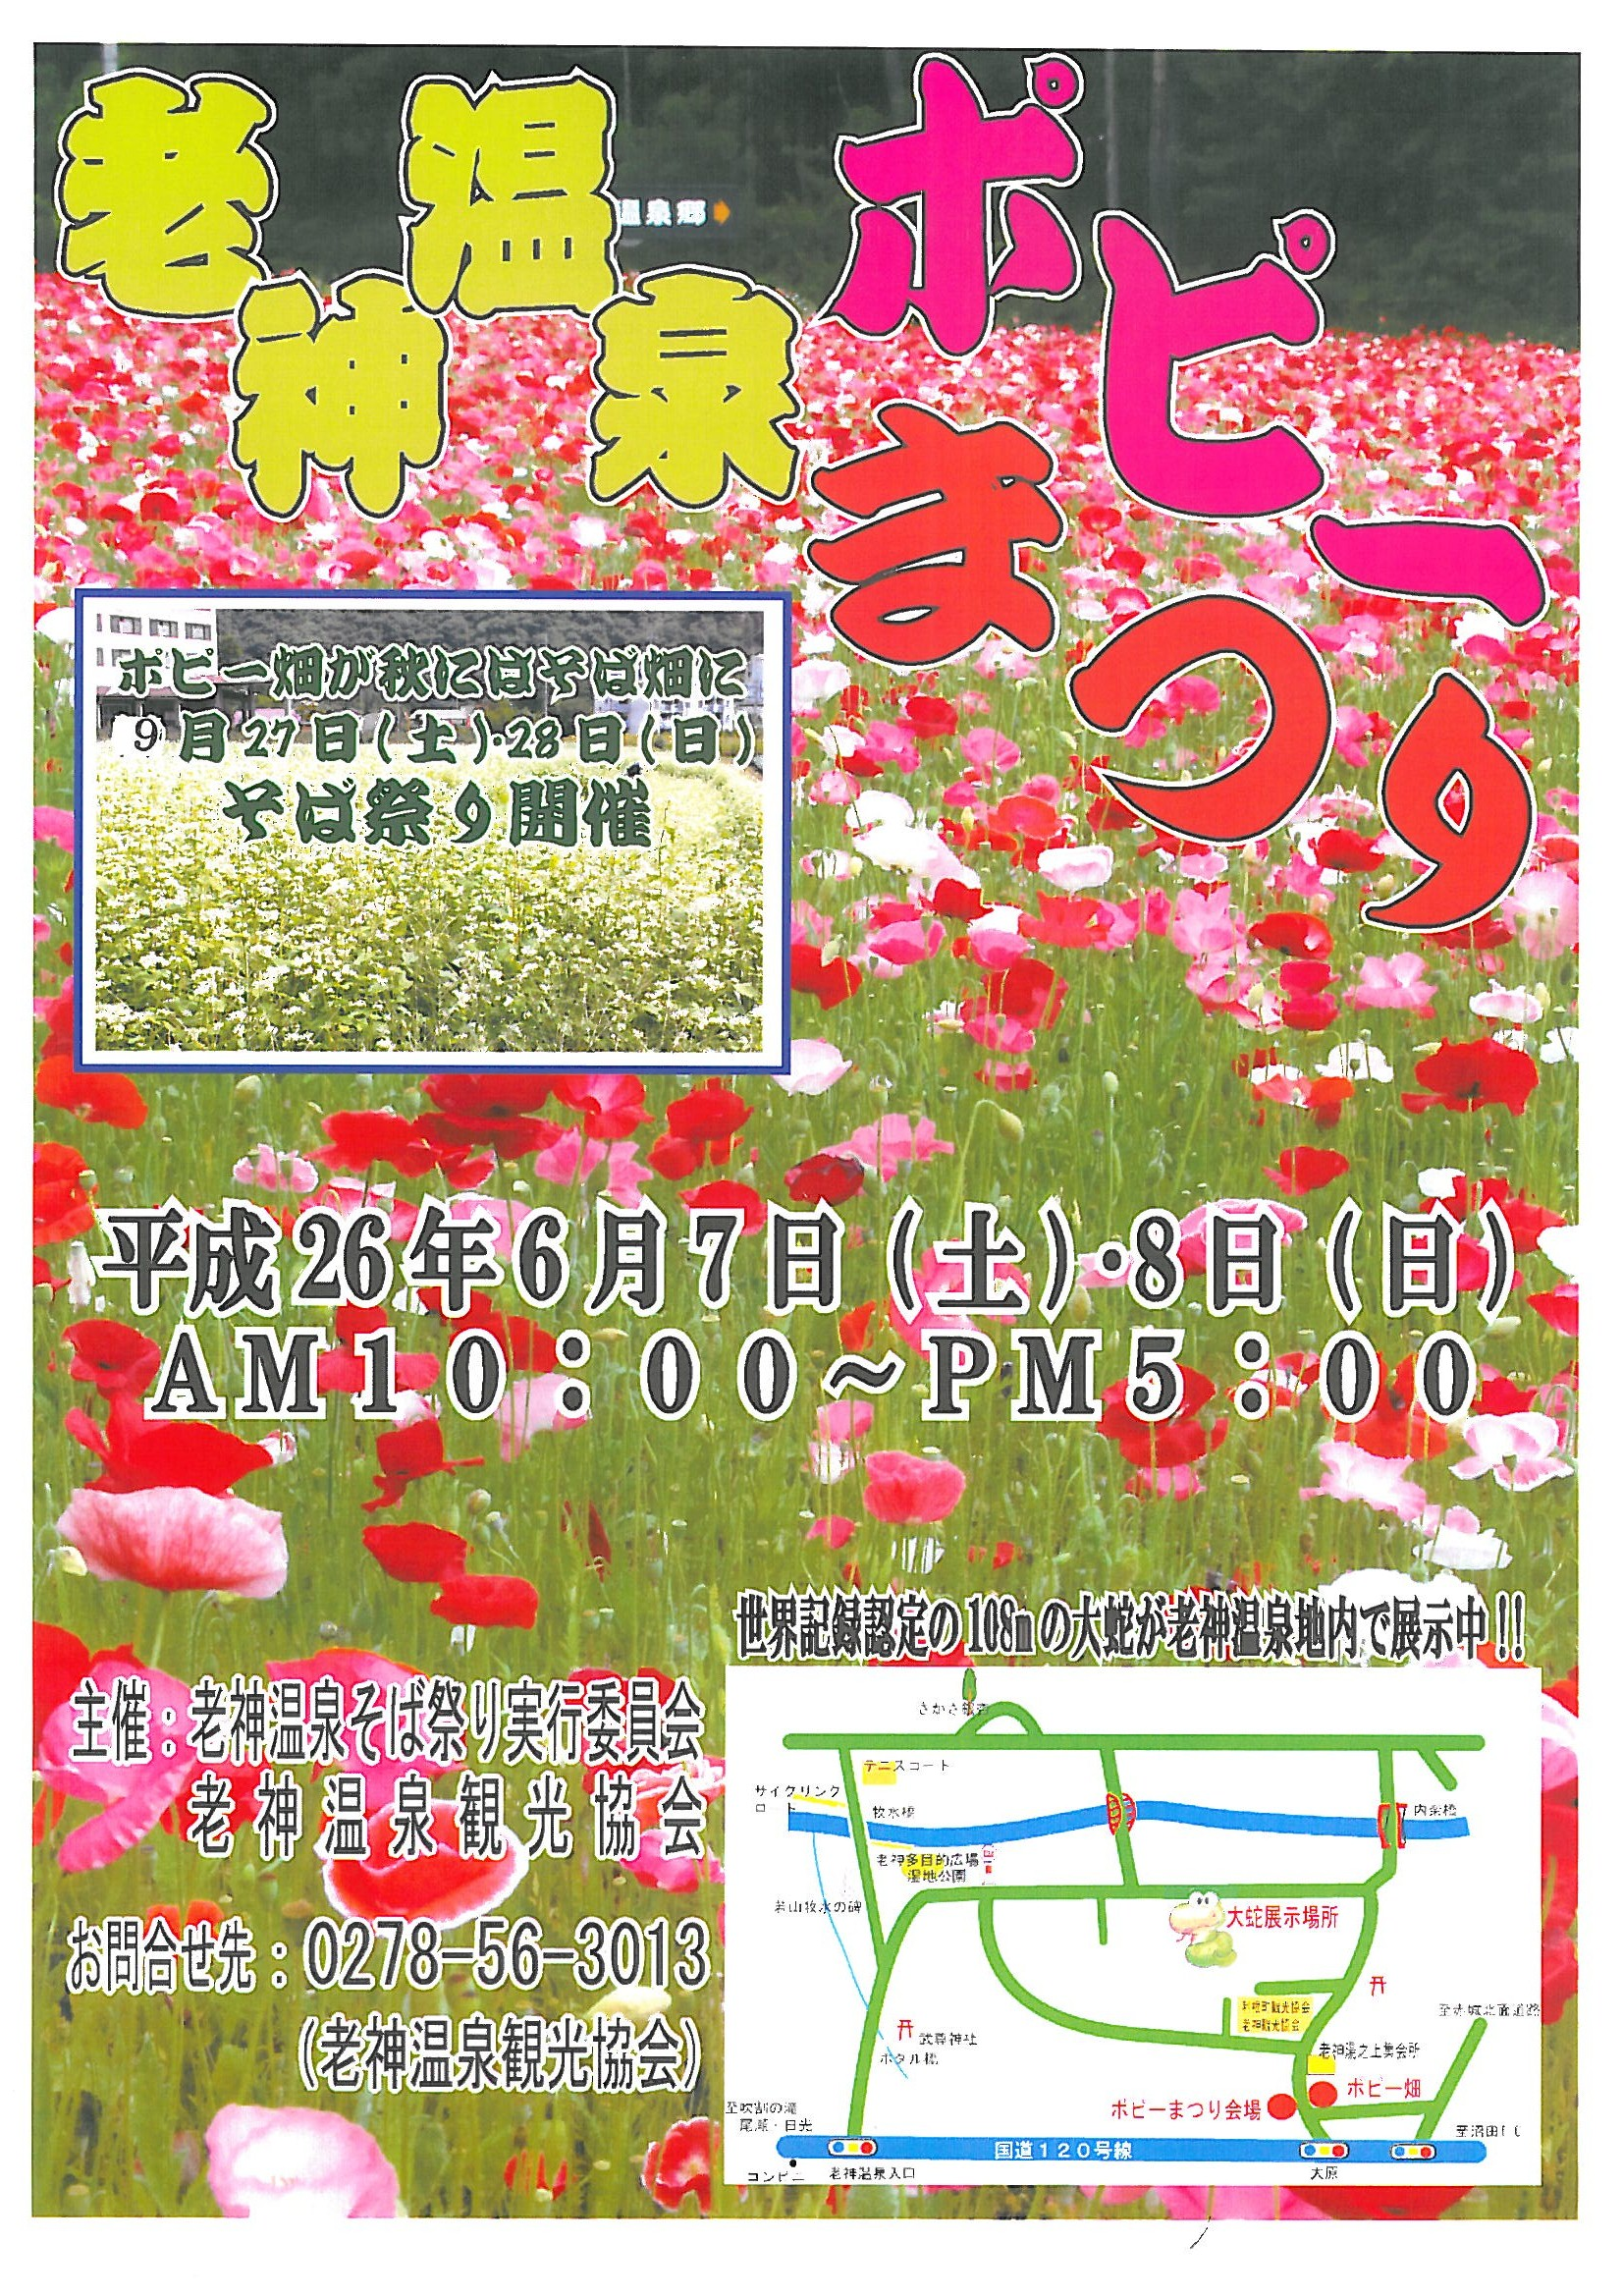 http://www.senkyou.jp/news/img46_file.jpg